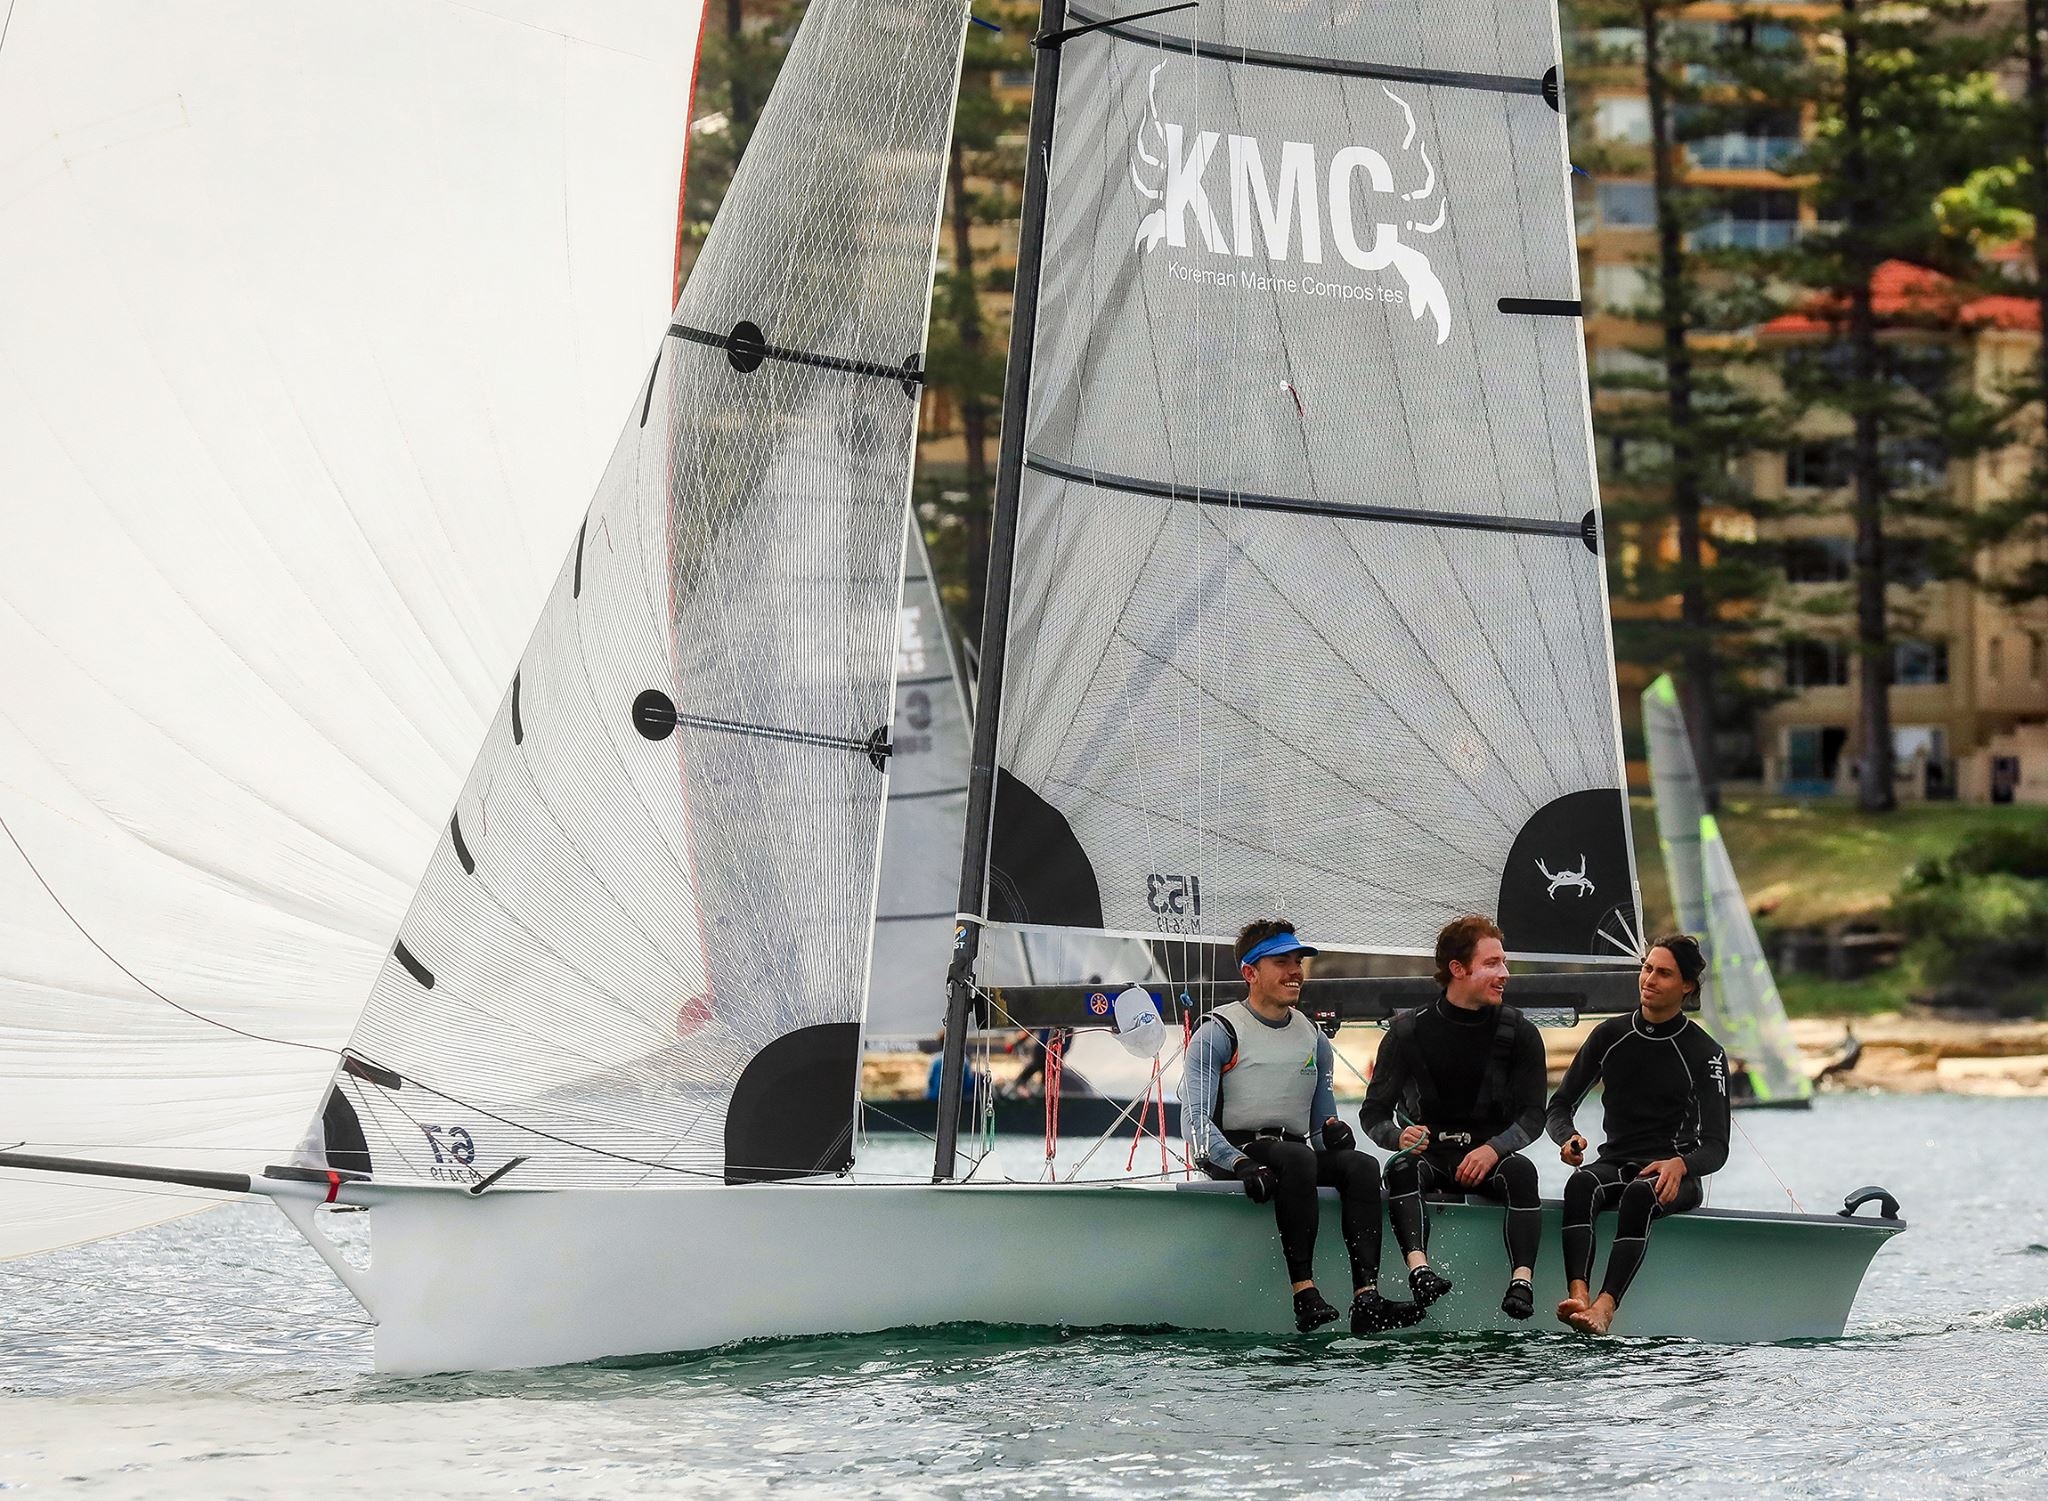 2020/21 NSW 16ft Skiff State Championship – Lake Illawarra